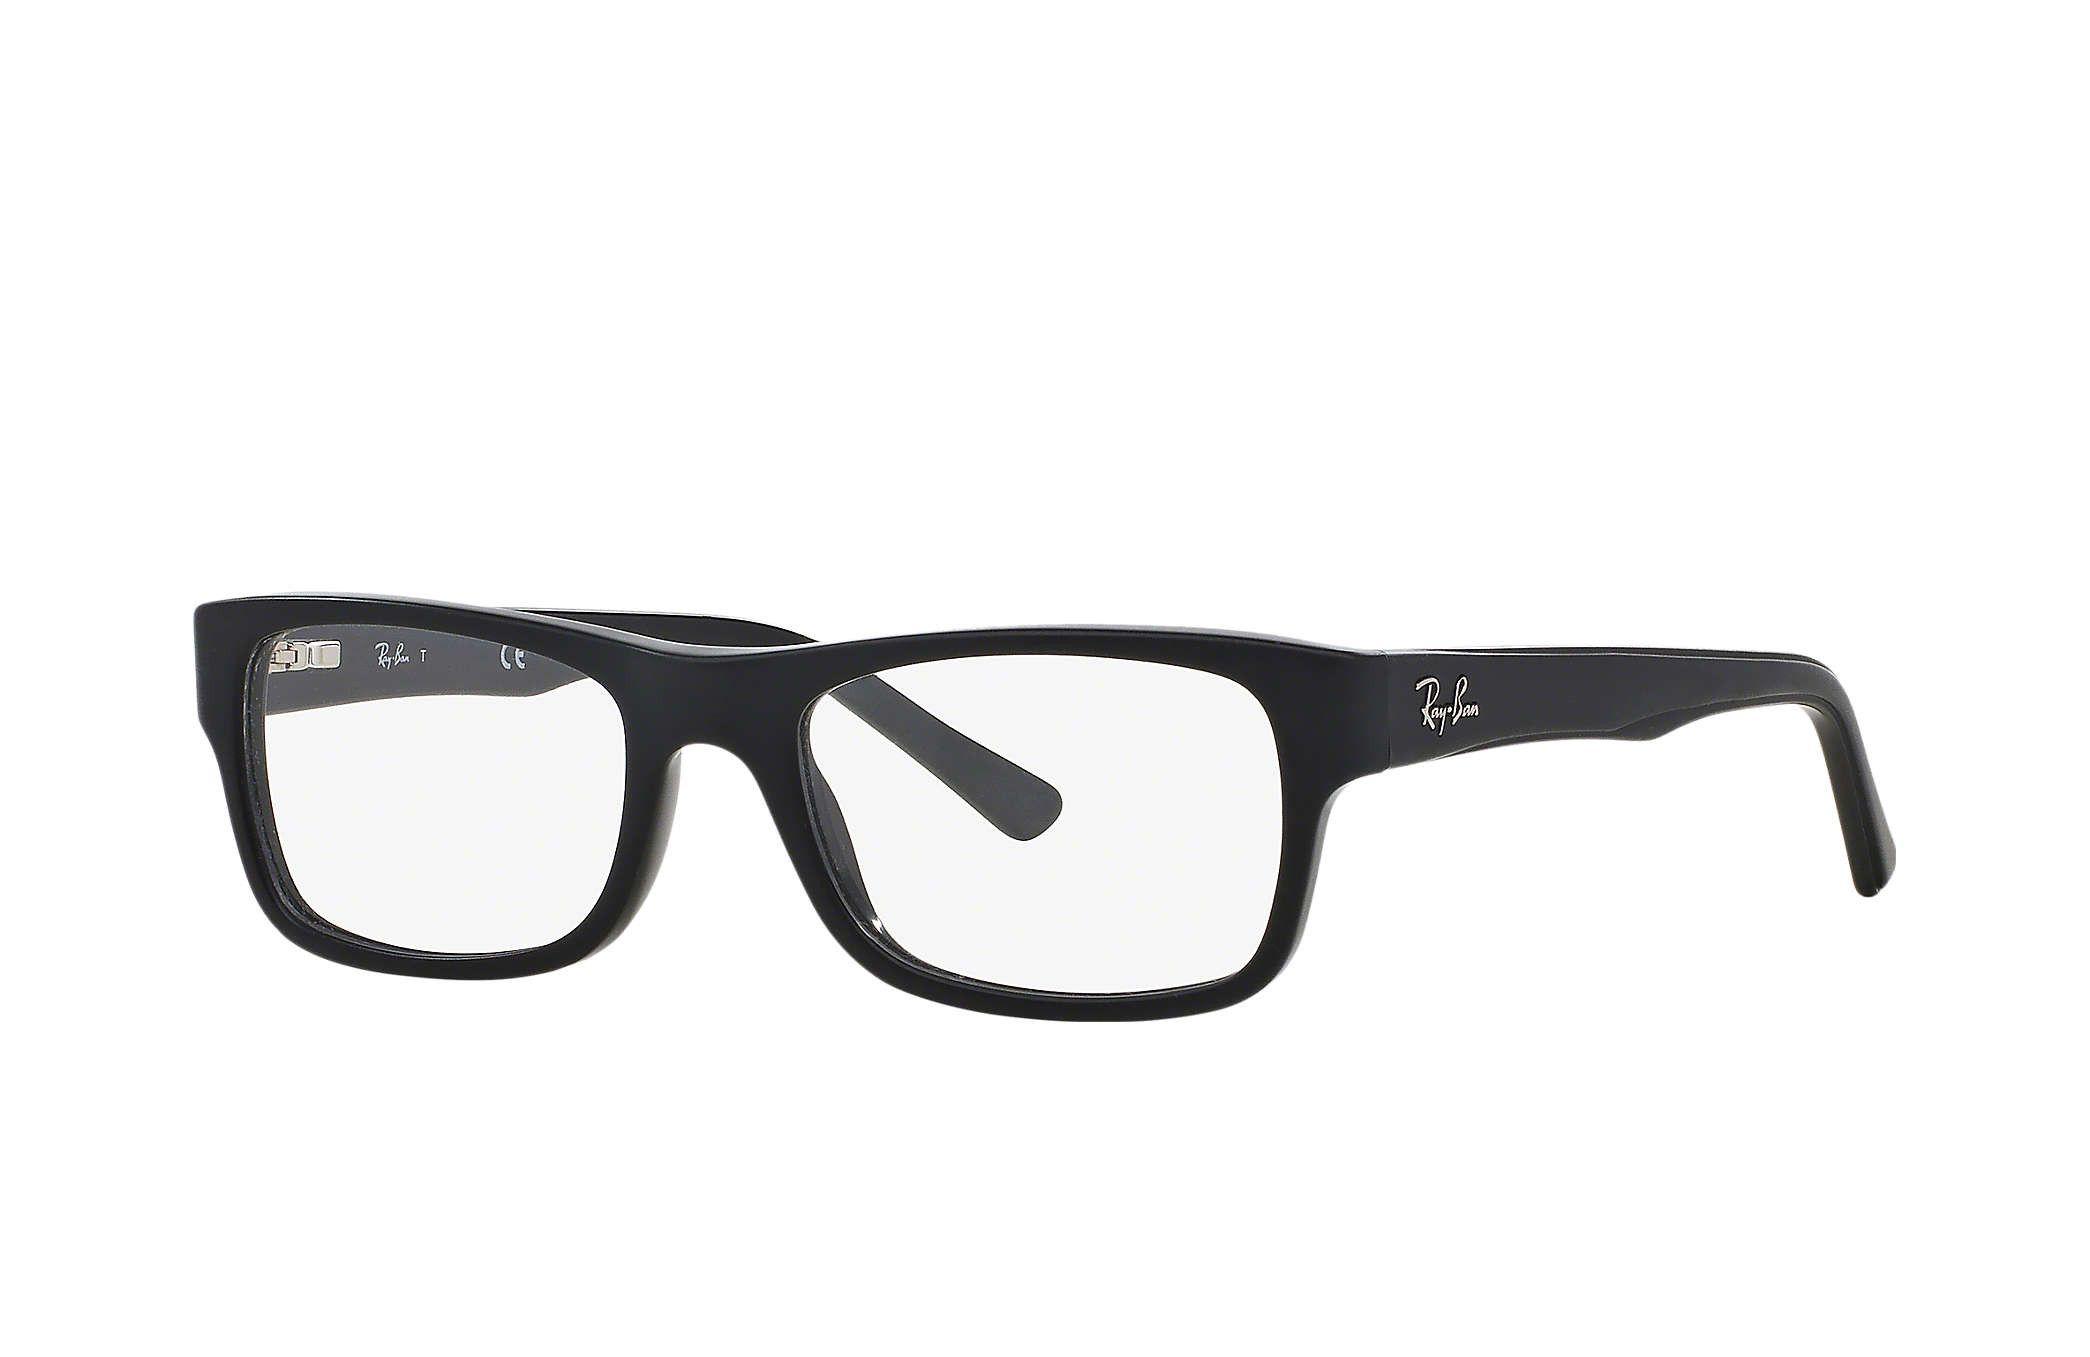 16 Fascinating Ray Ban Clubmaster Prescription Sunglasses Smart Ideas